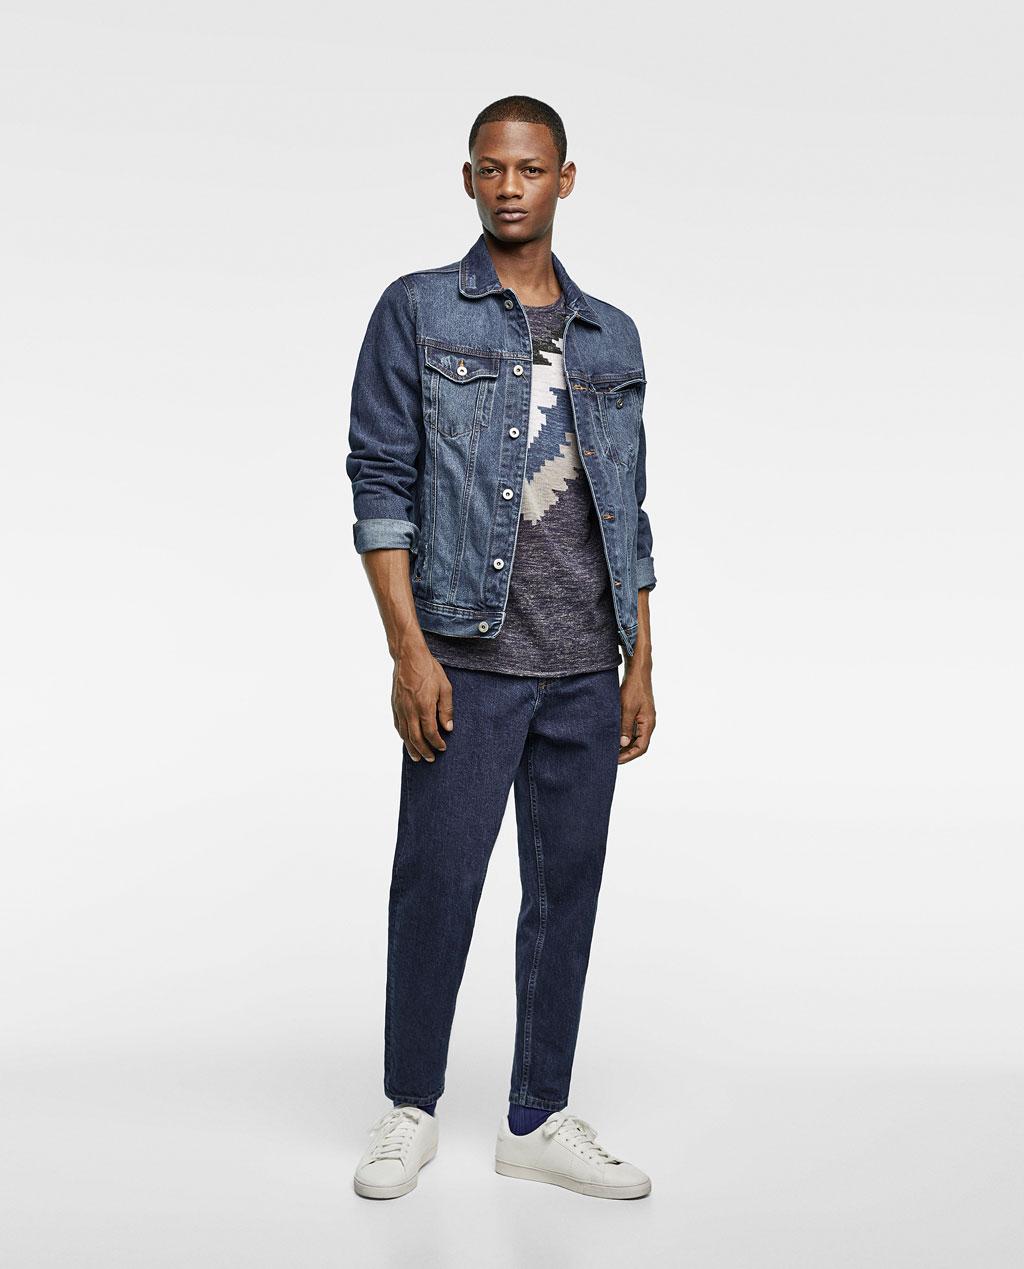 Thời trang nam Zara  23919 - ảnh 3